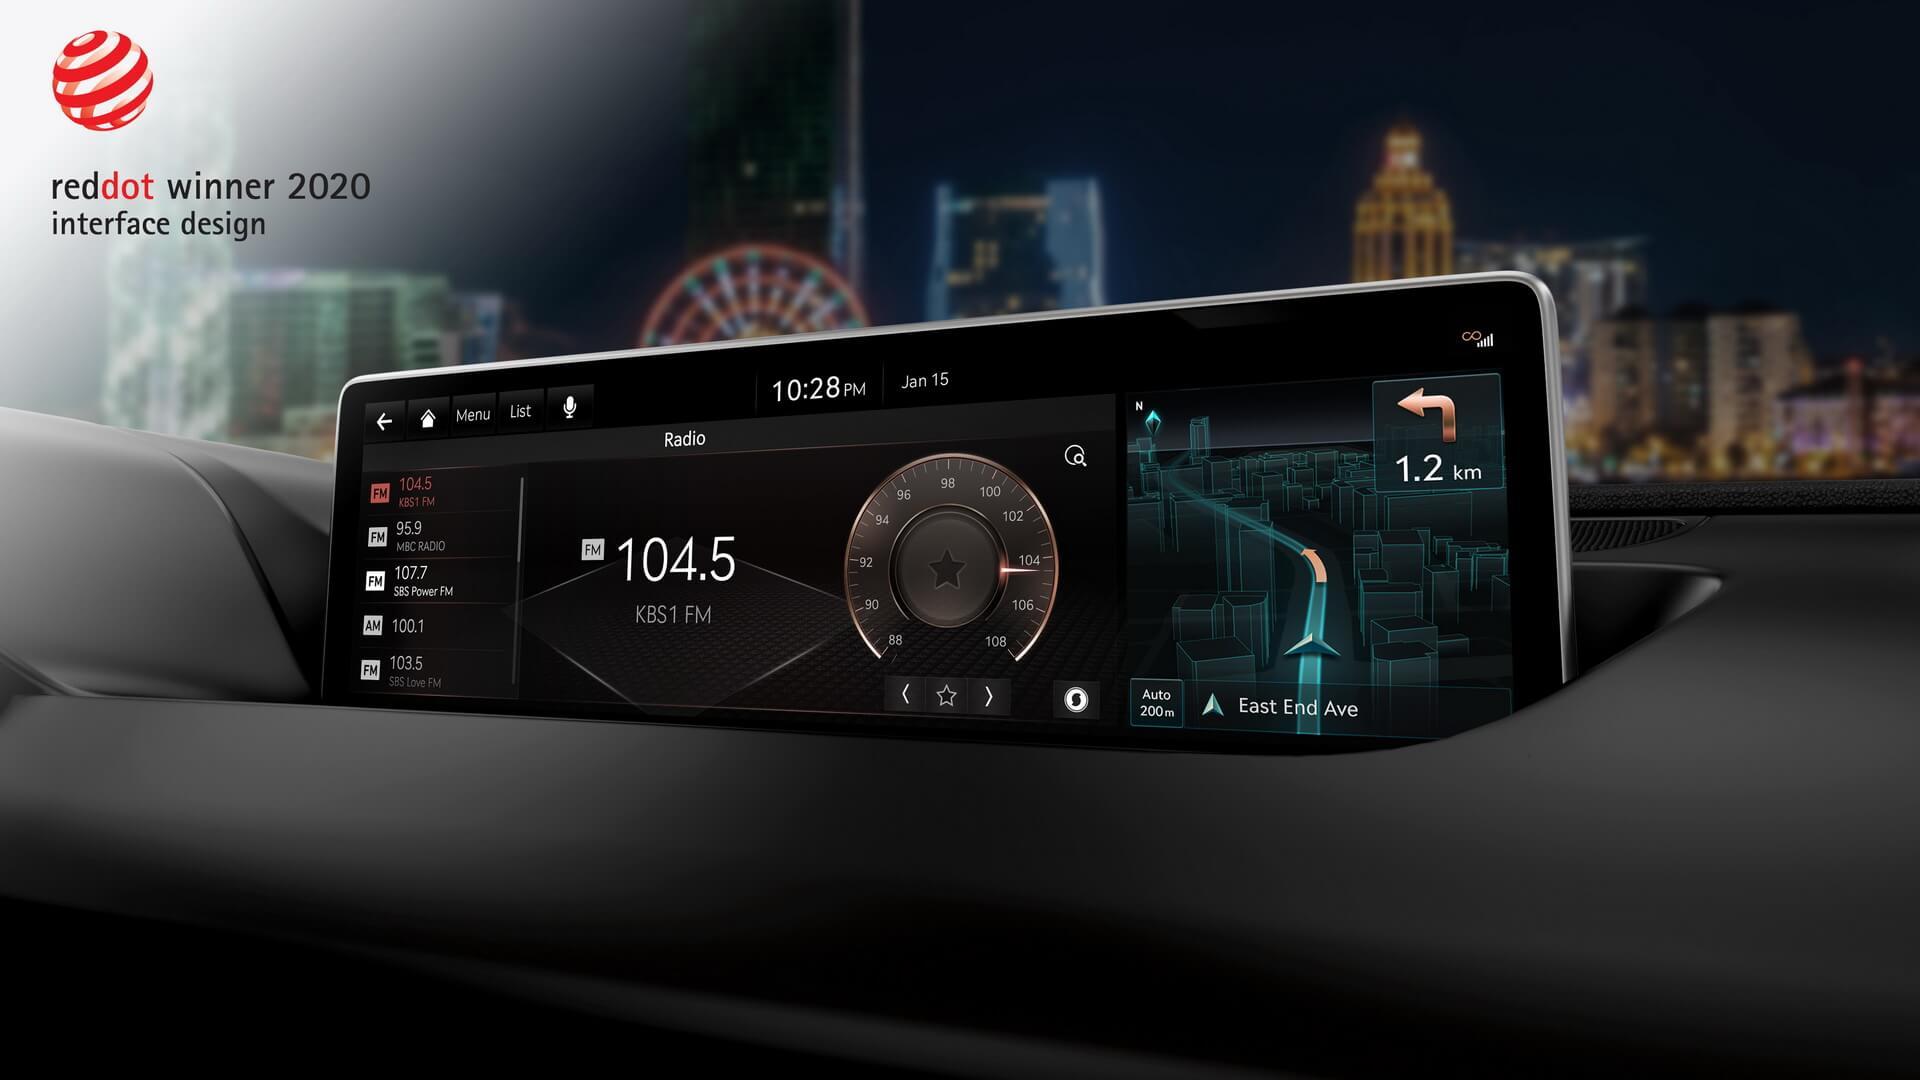 Genesis здобув перемогу вномінації «Інтерфейс ідизайн» завбудовану інформаційно-розважальну систему автомобілів